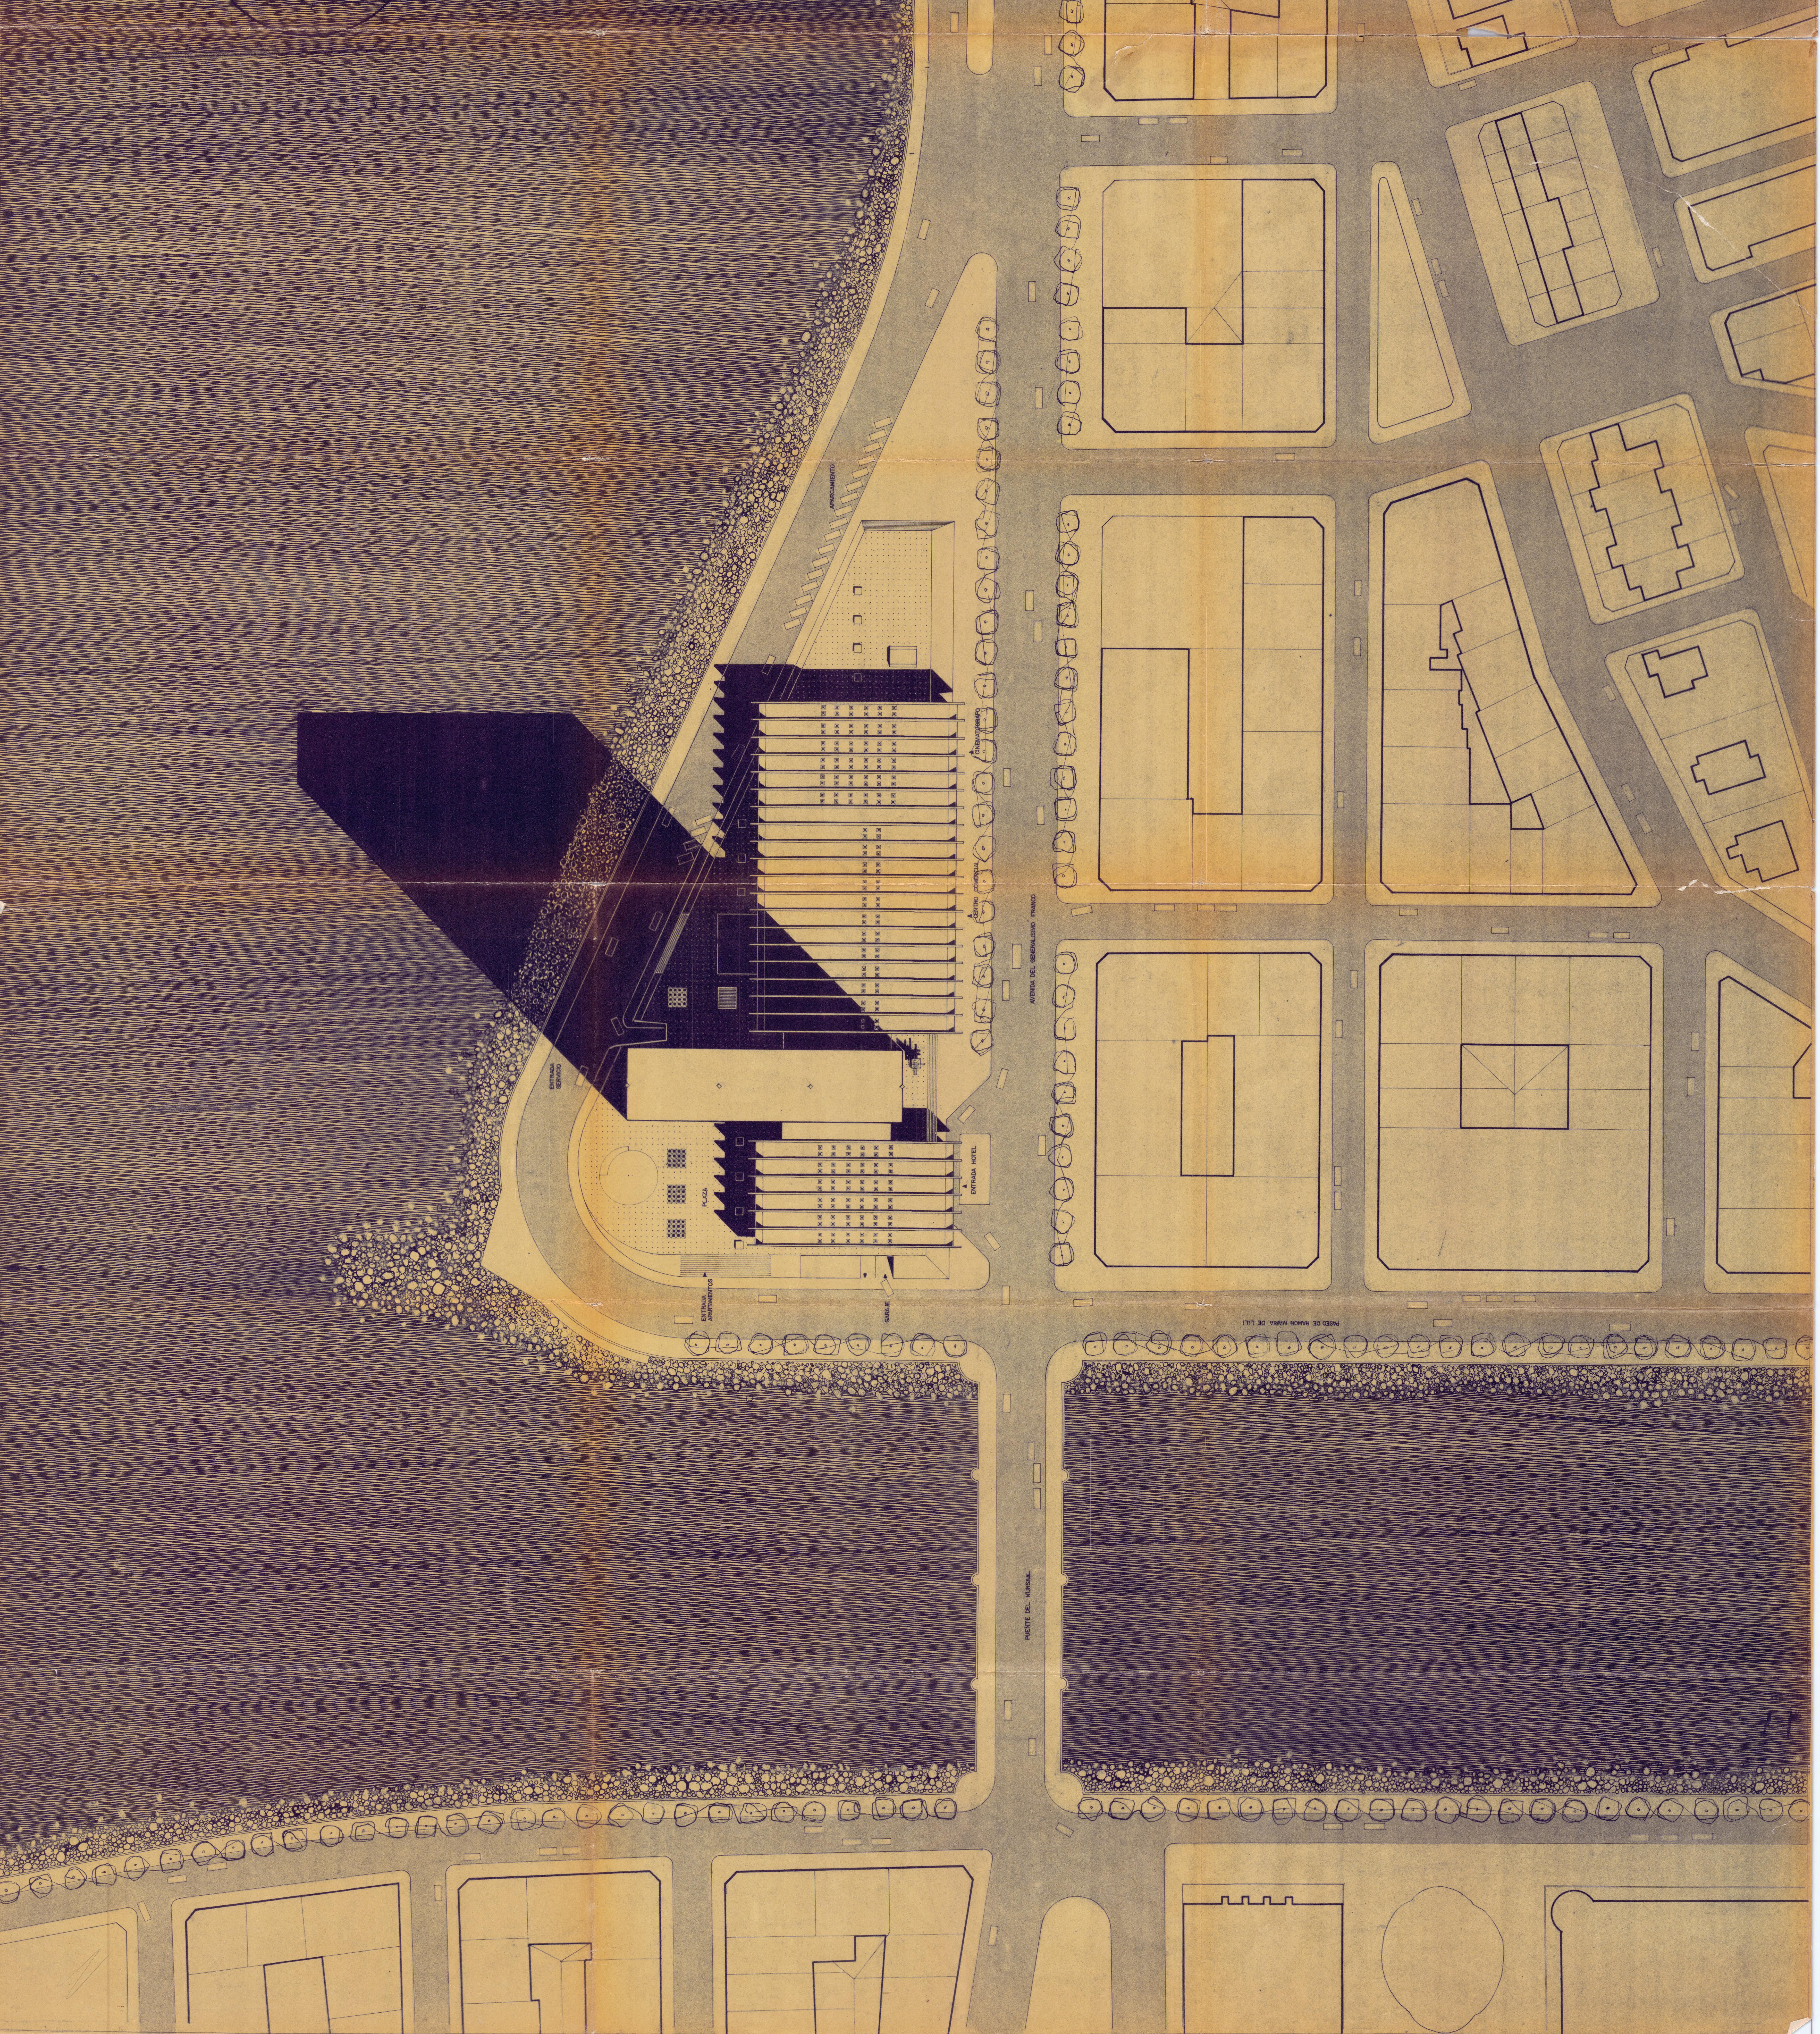 Projeto de 1965, para o Complexo Turístico Internacional Euro Kursaal, na Espanha, por José Maria Gandolfi, Luiz Forte Netto, Roberto Luis Gandolfi, Lubomir Fiscinski Dunin e Jaime Lerner.